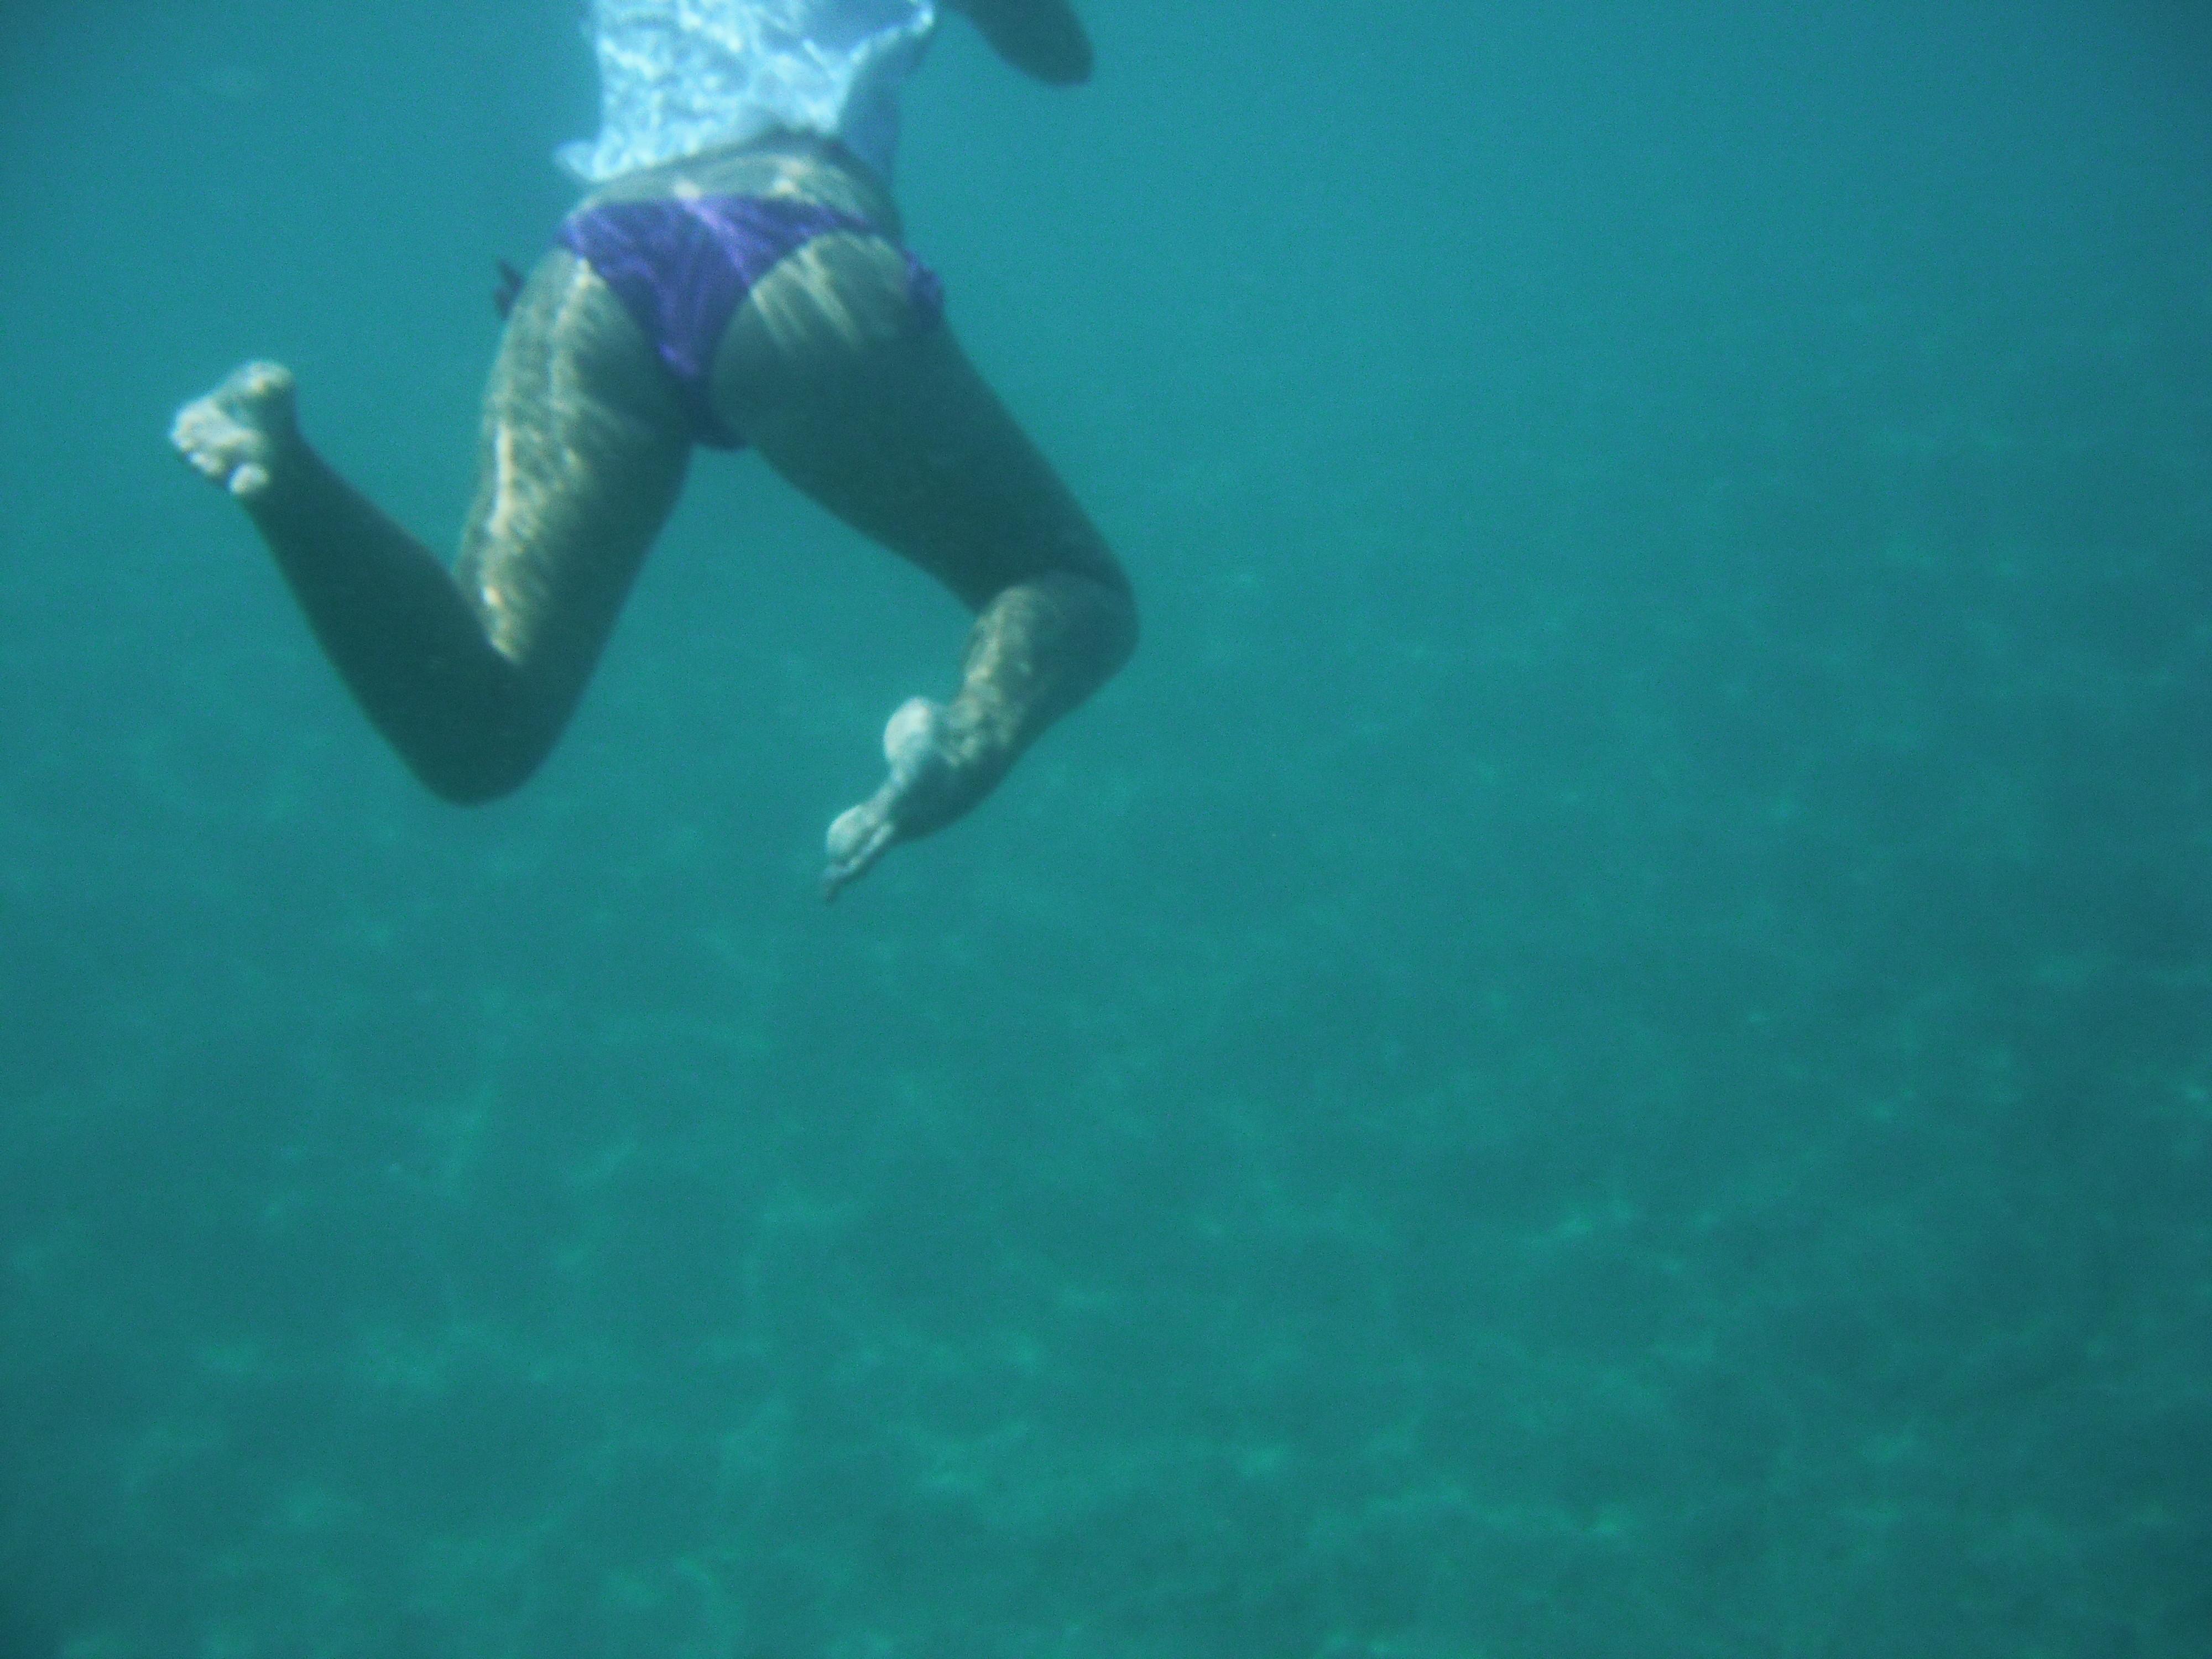 Дайвер снимает купающихся в Египте баб, у одной сползли трусы